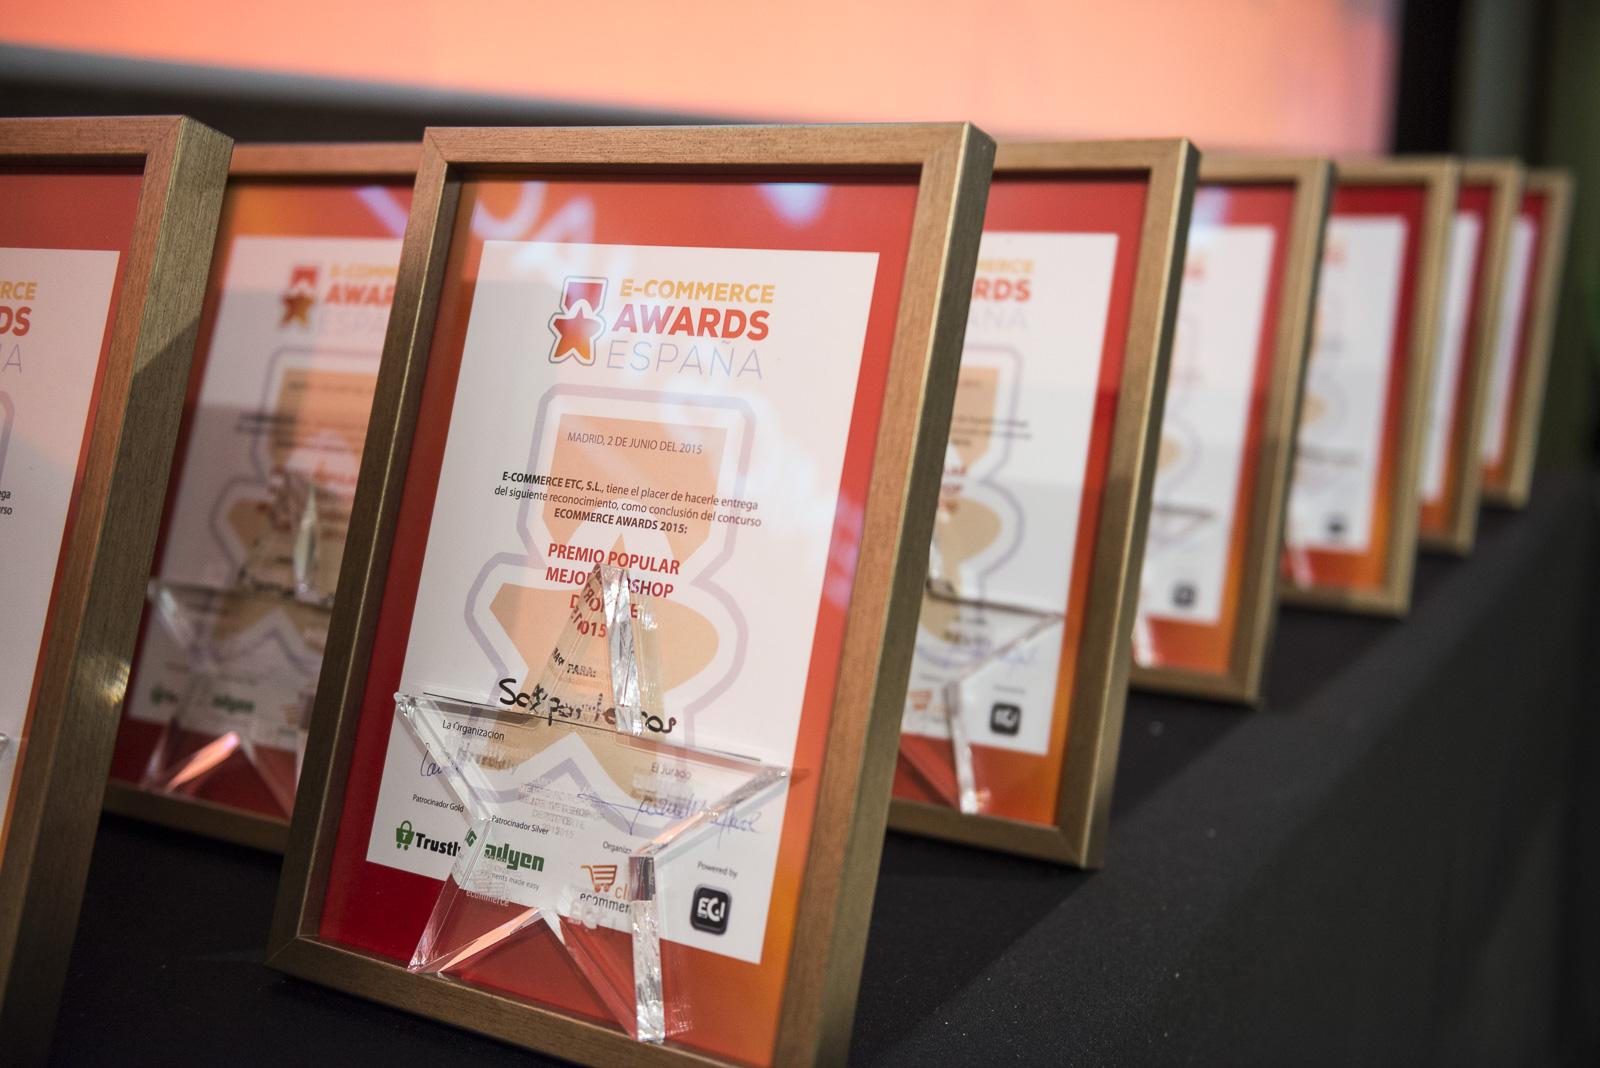 Ecommerce Awards España, 8ª Edición de Ecommerce Awards España ¡En busca de las mejores startups!